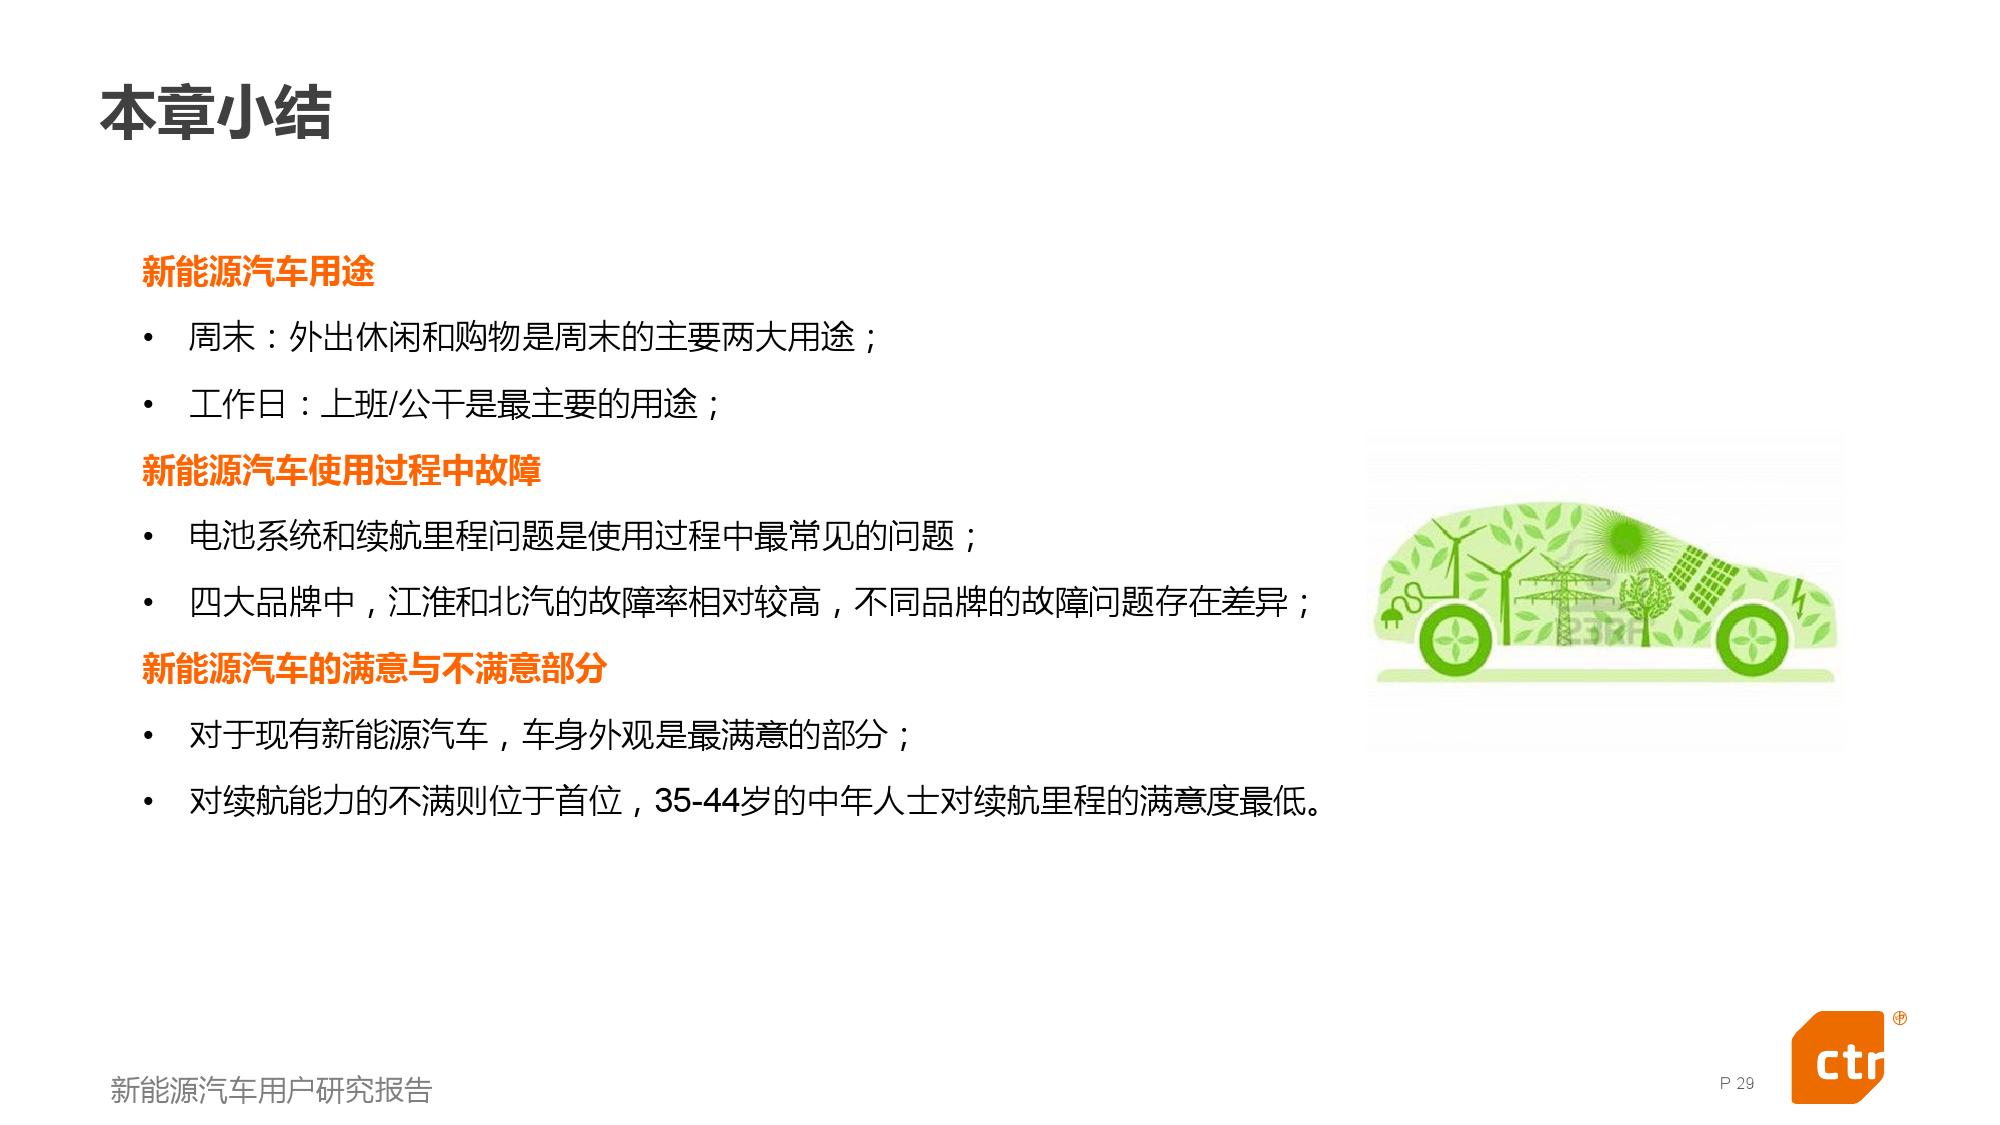 新能源汽车用户研究报告_000029